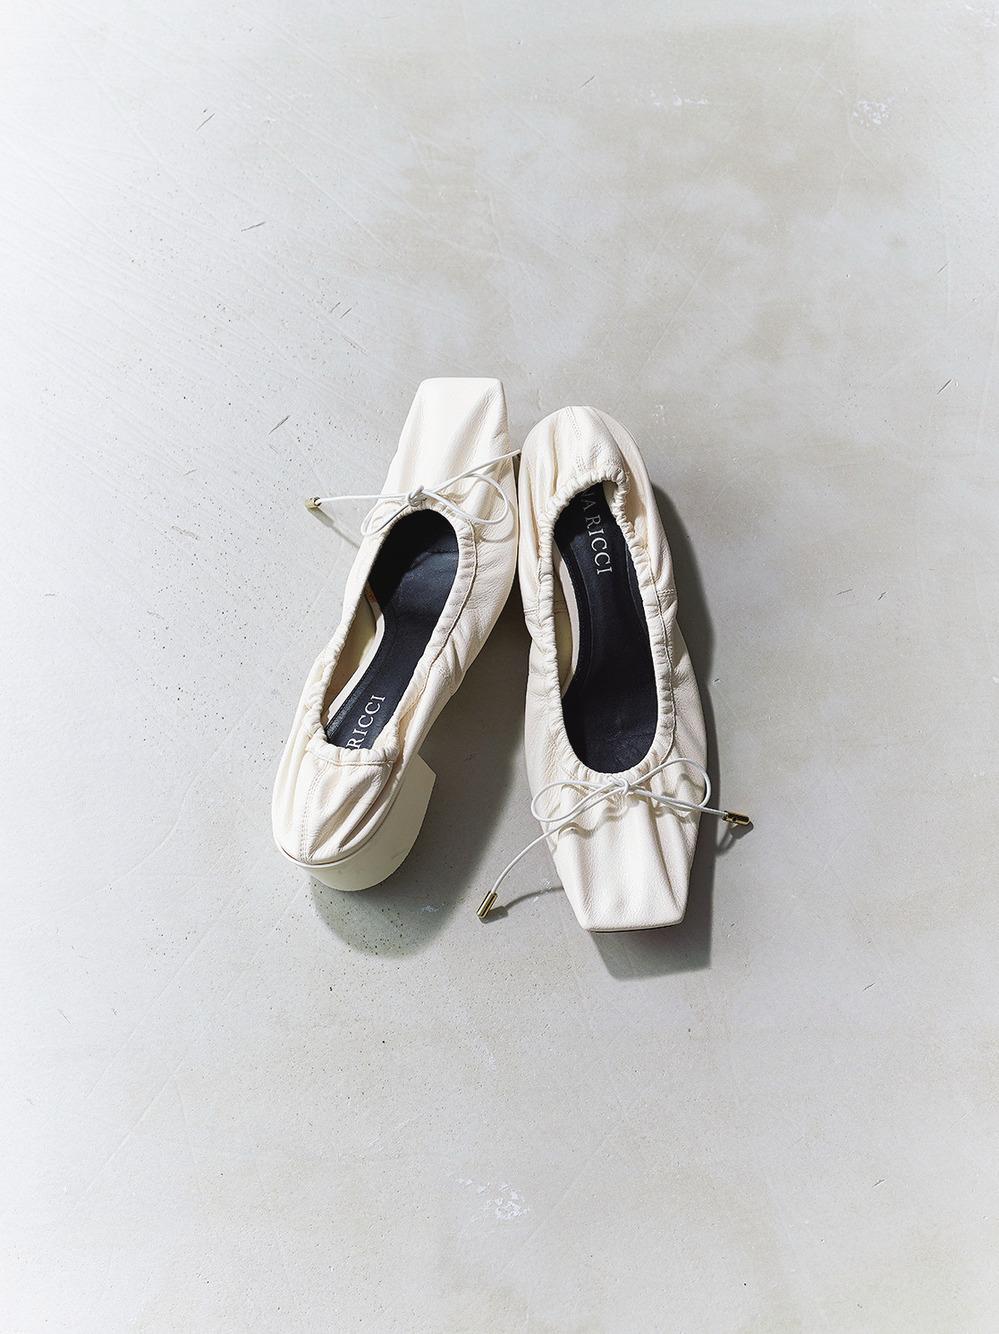 ファッション ニナ リッチのバレエシューズ